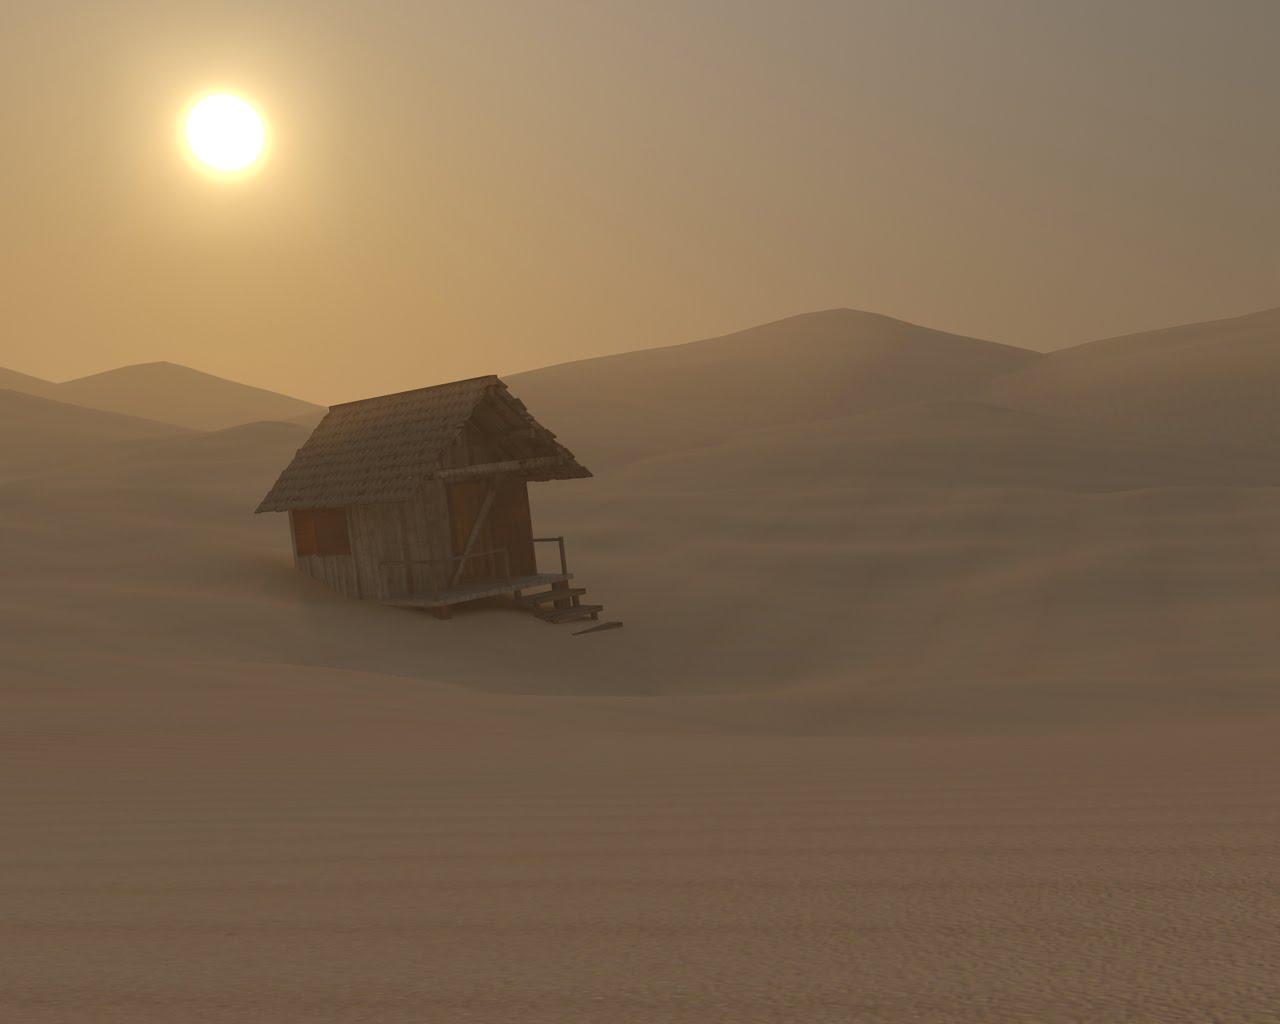 Como abrigo no deserto